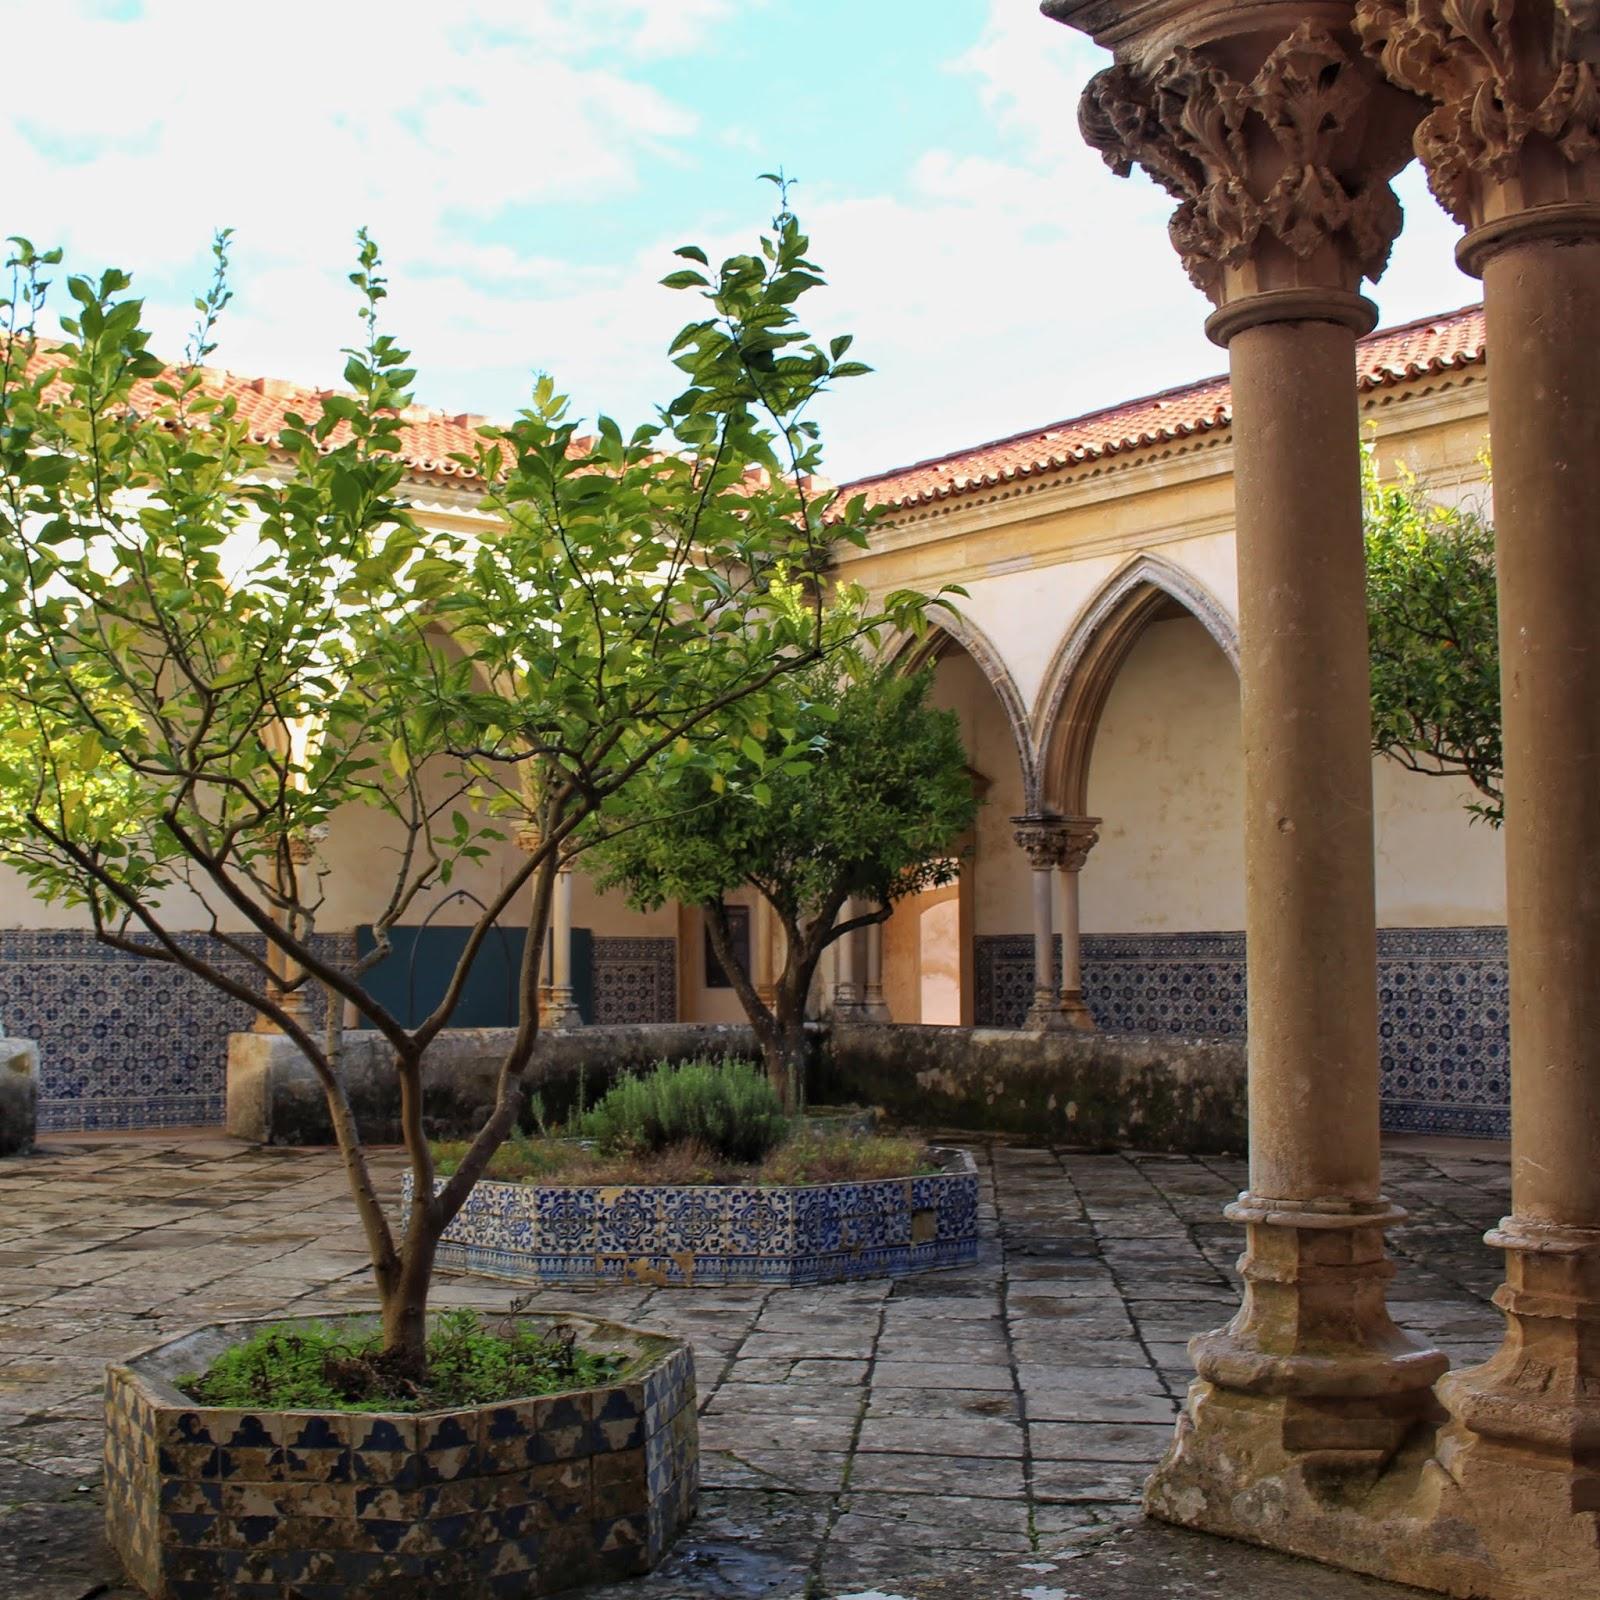 Claustro do Cemitério, Convento de Cristo, Tomar